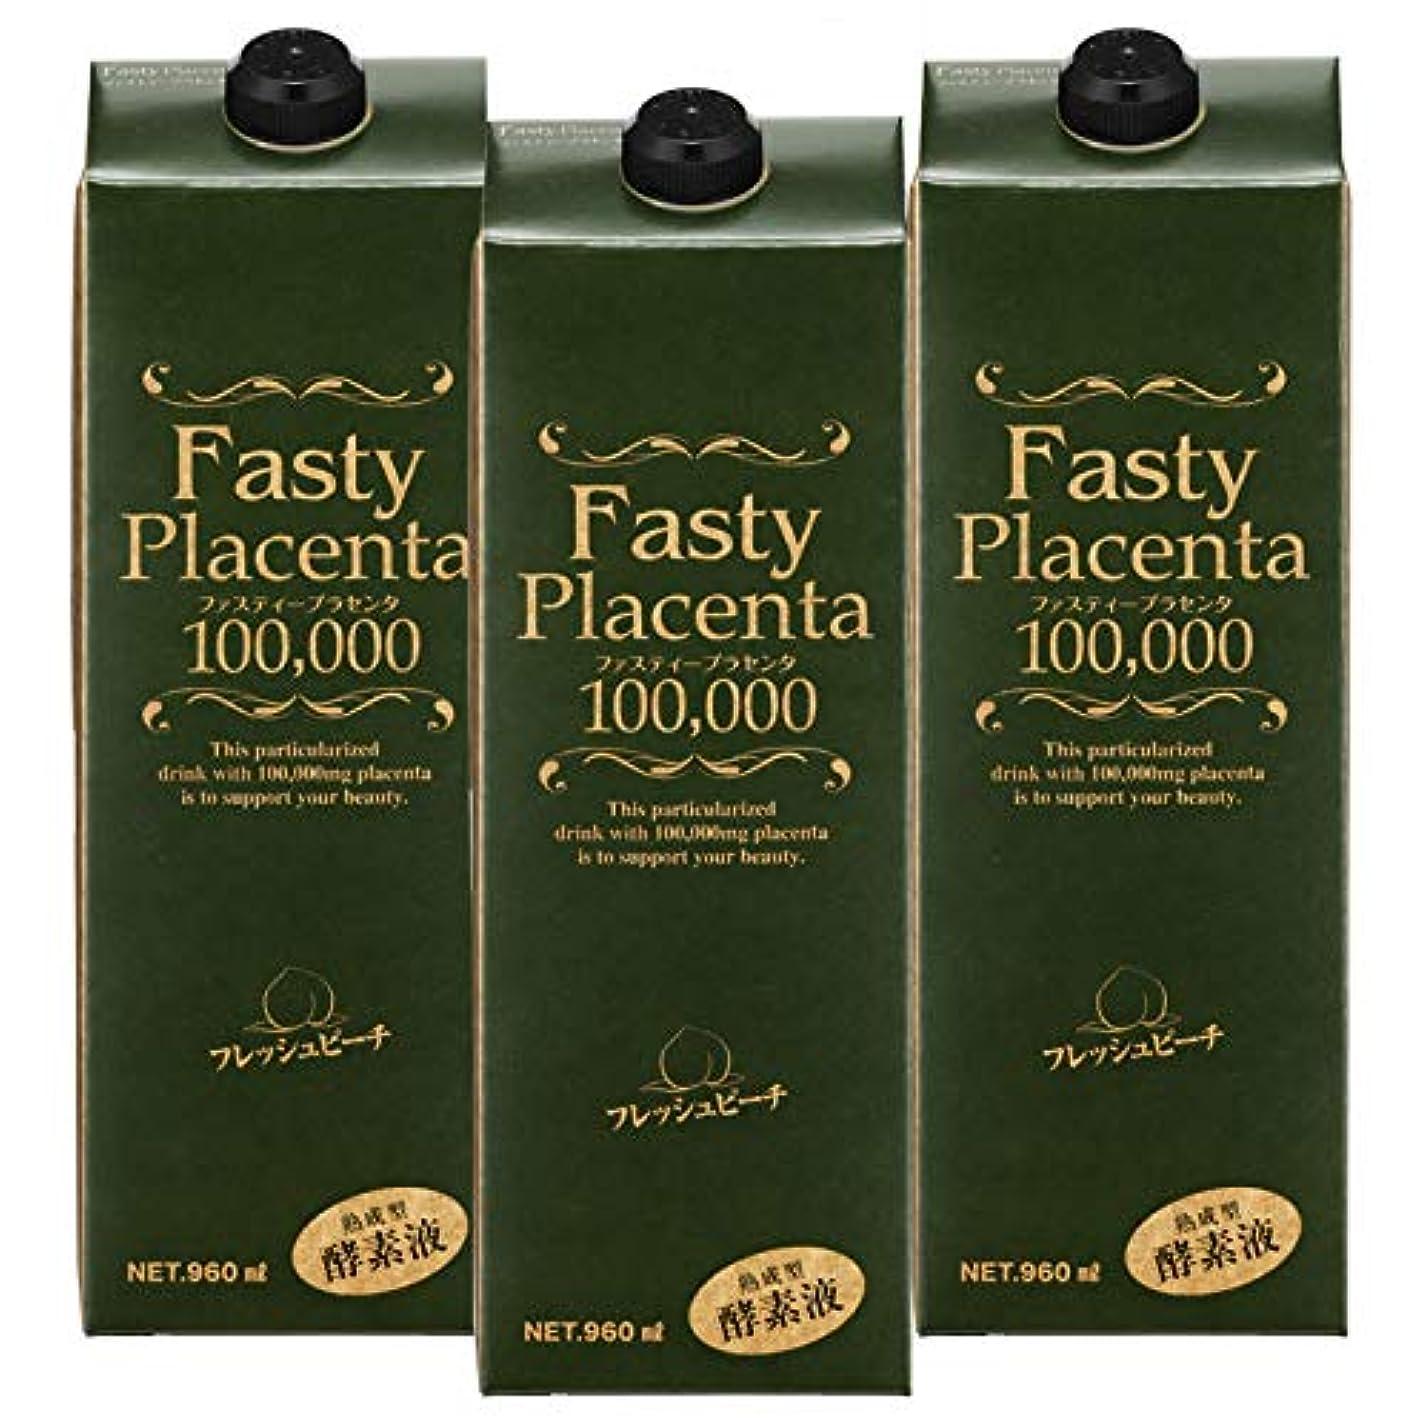 バイバイリベラル移動するファスティープラセンタ100,000 増量パック(フレッシュピーチ味) 3本